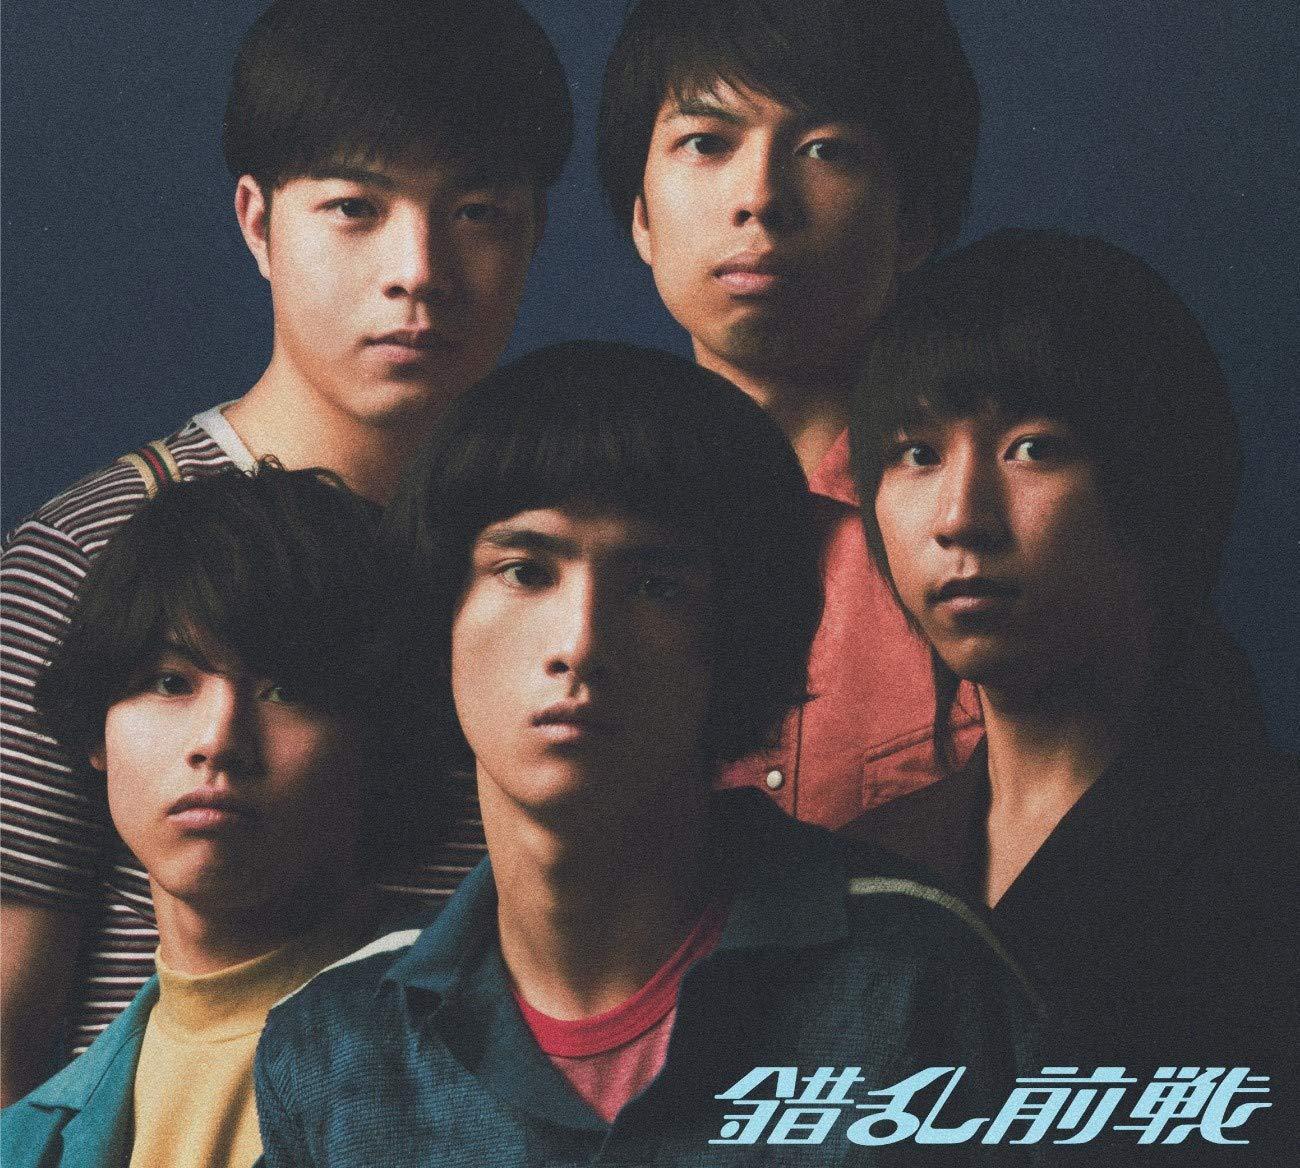 「タクシーマン」収録アルバム『おれは錯乱前戦だ!!』/錯乱前戦